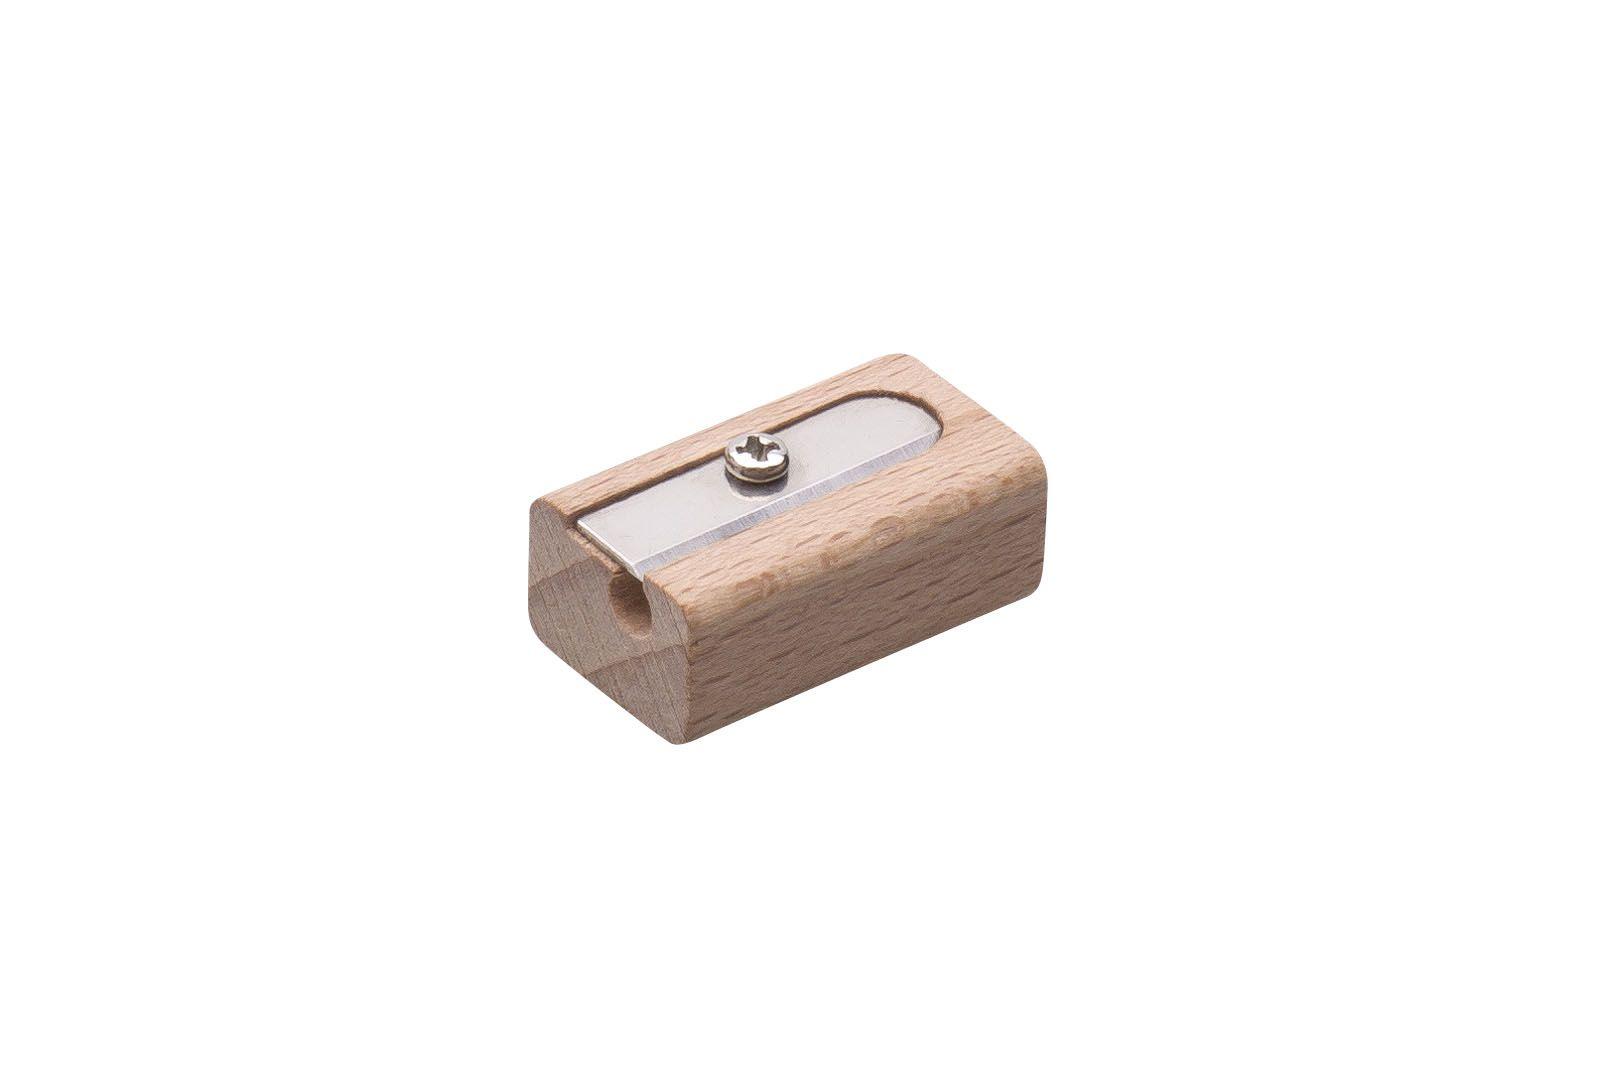 ořezávátko dřevěné na 1 tužku ANFI